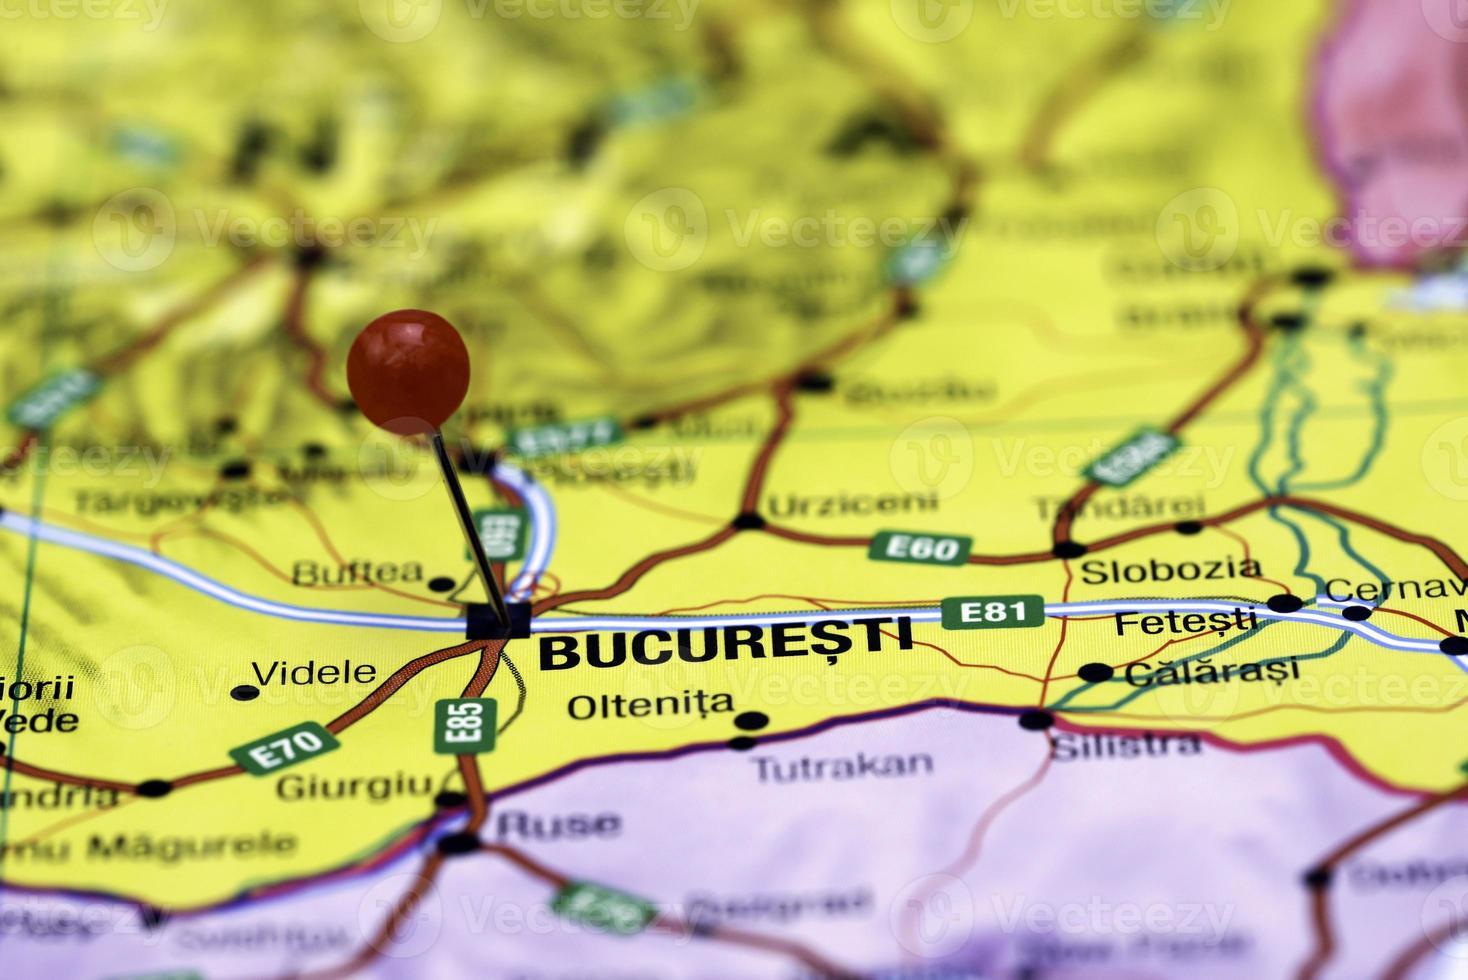 Bucarest imperniata su una mappa dell'Europa foto